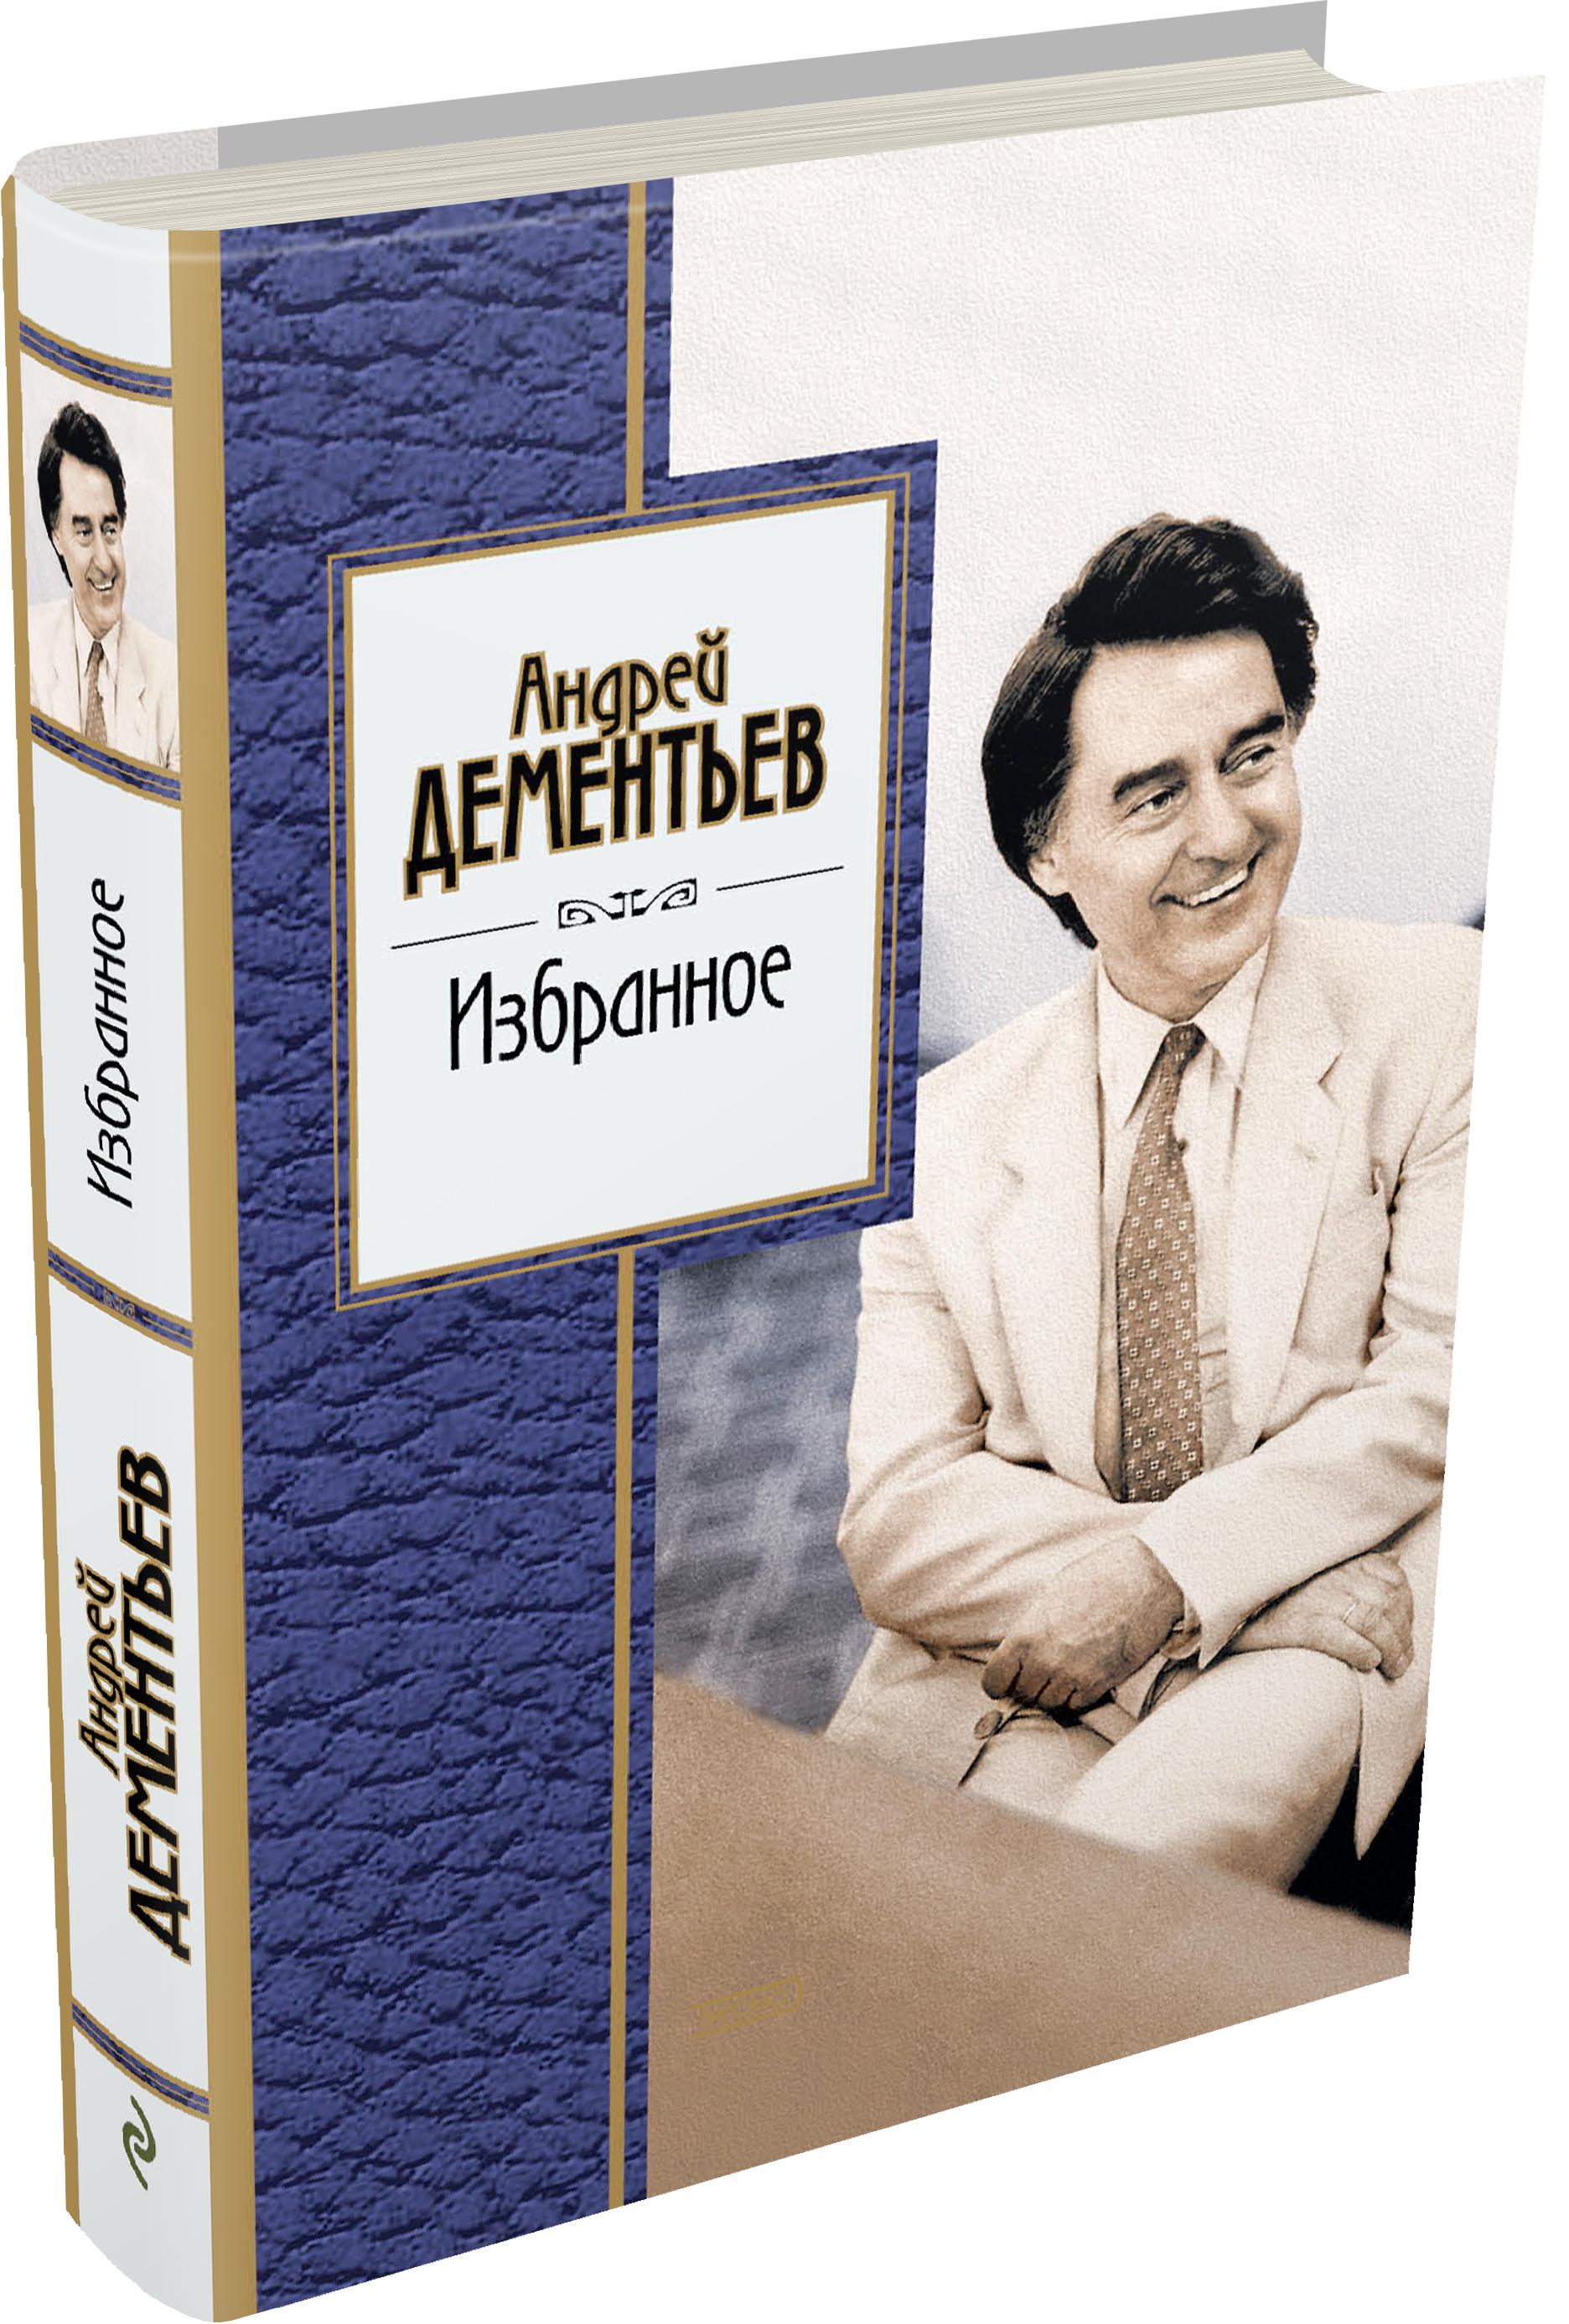 Дементьев А.Д. Избранное